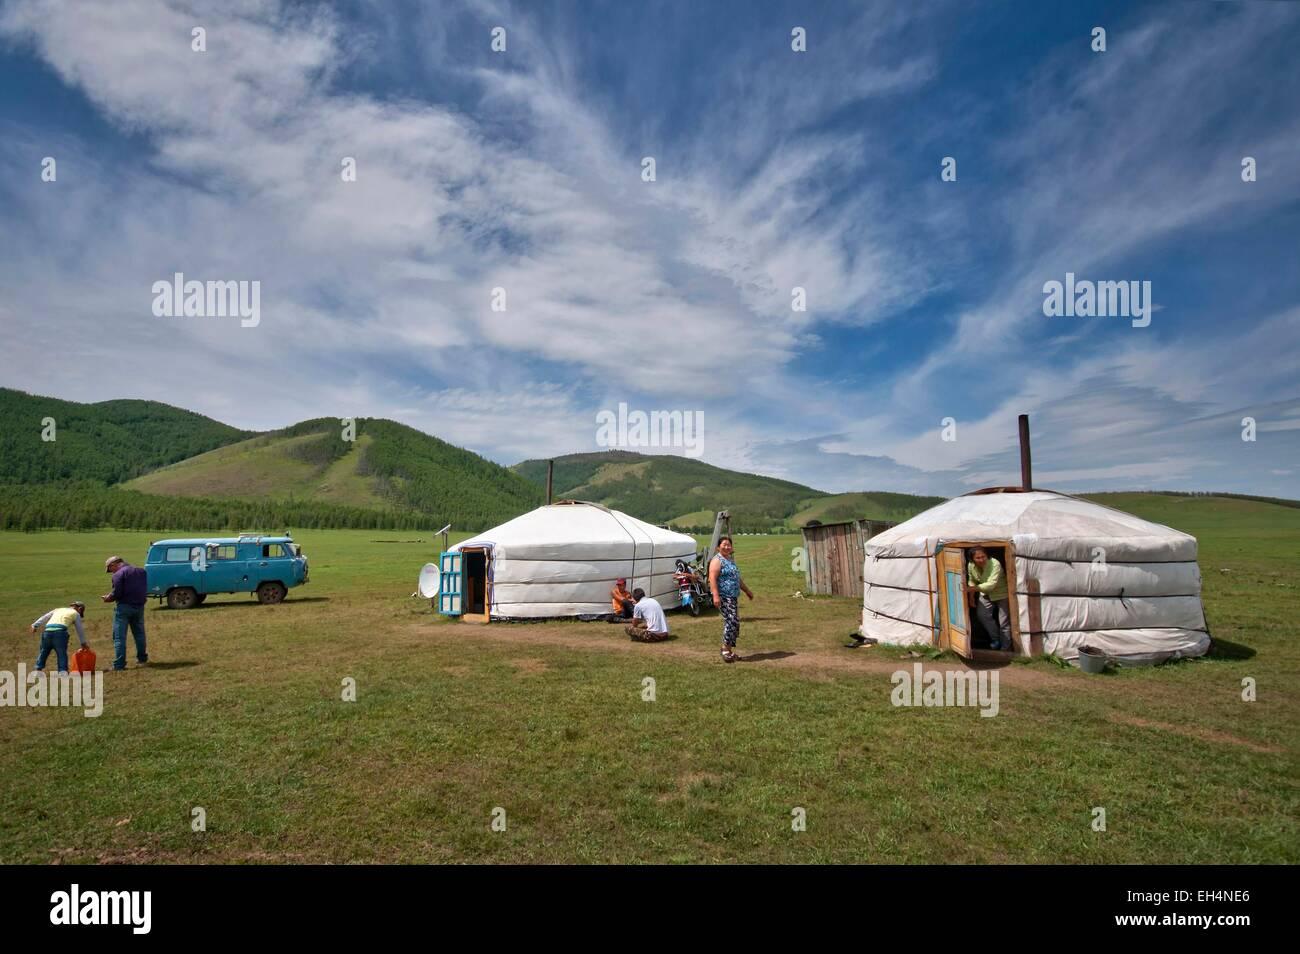 La Mongolie, l'Arkhangai, vivant dans la steppe Banque D'Images